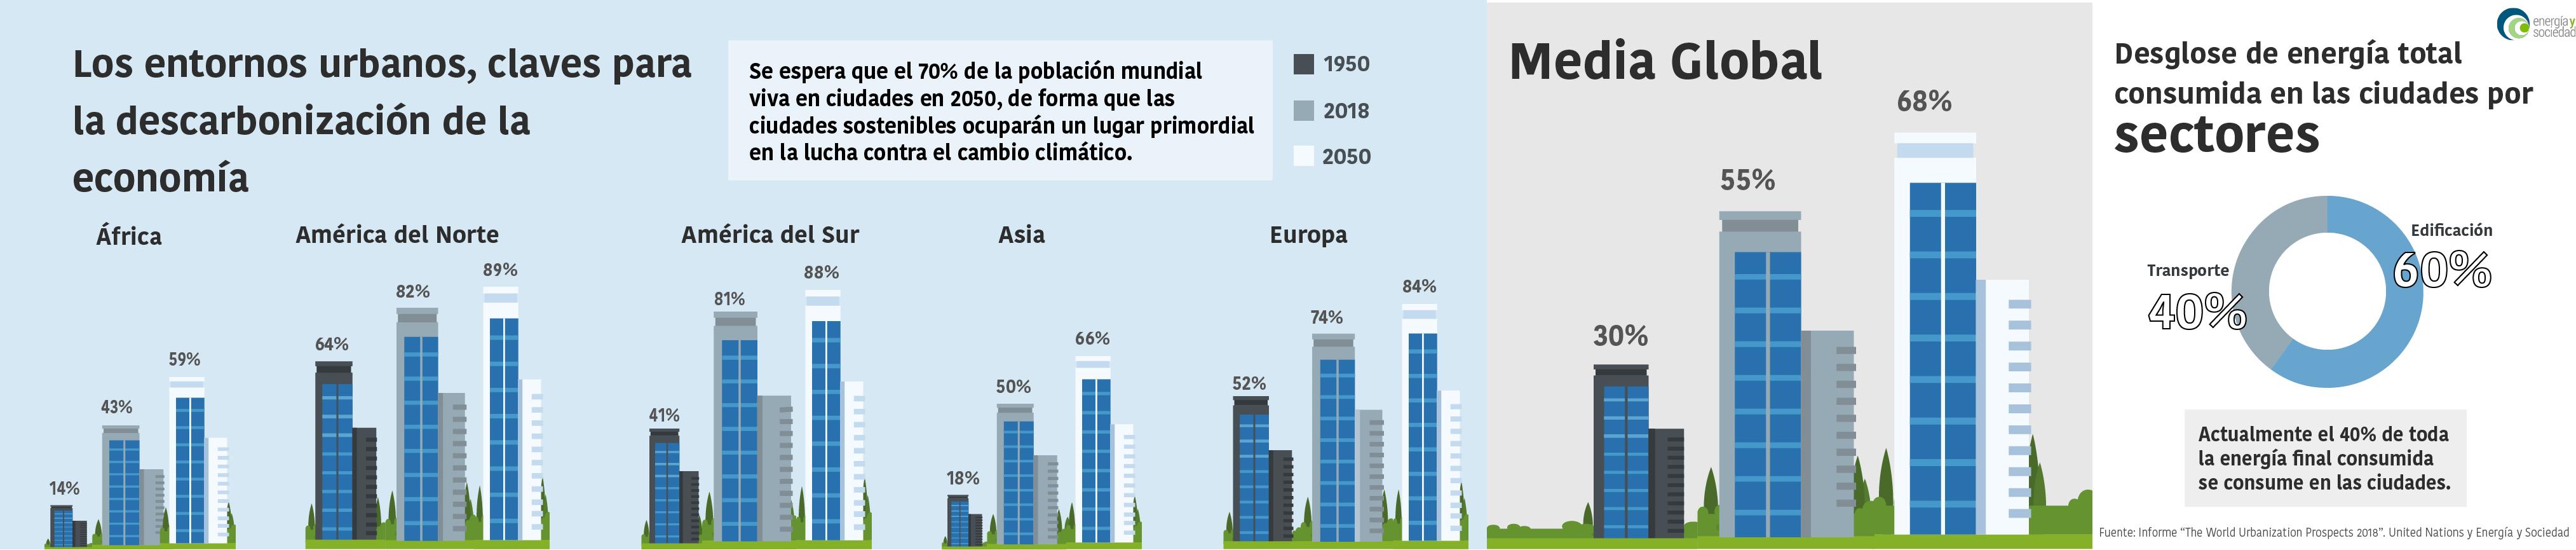 EyS - Infografía Urbanizacion Ciudades